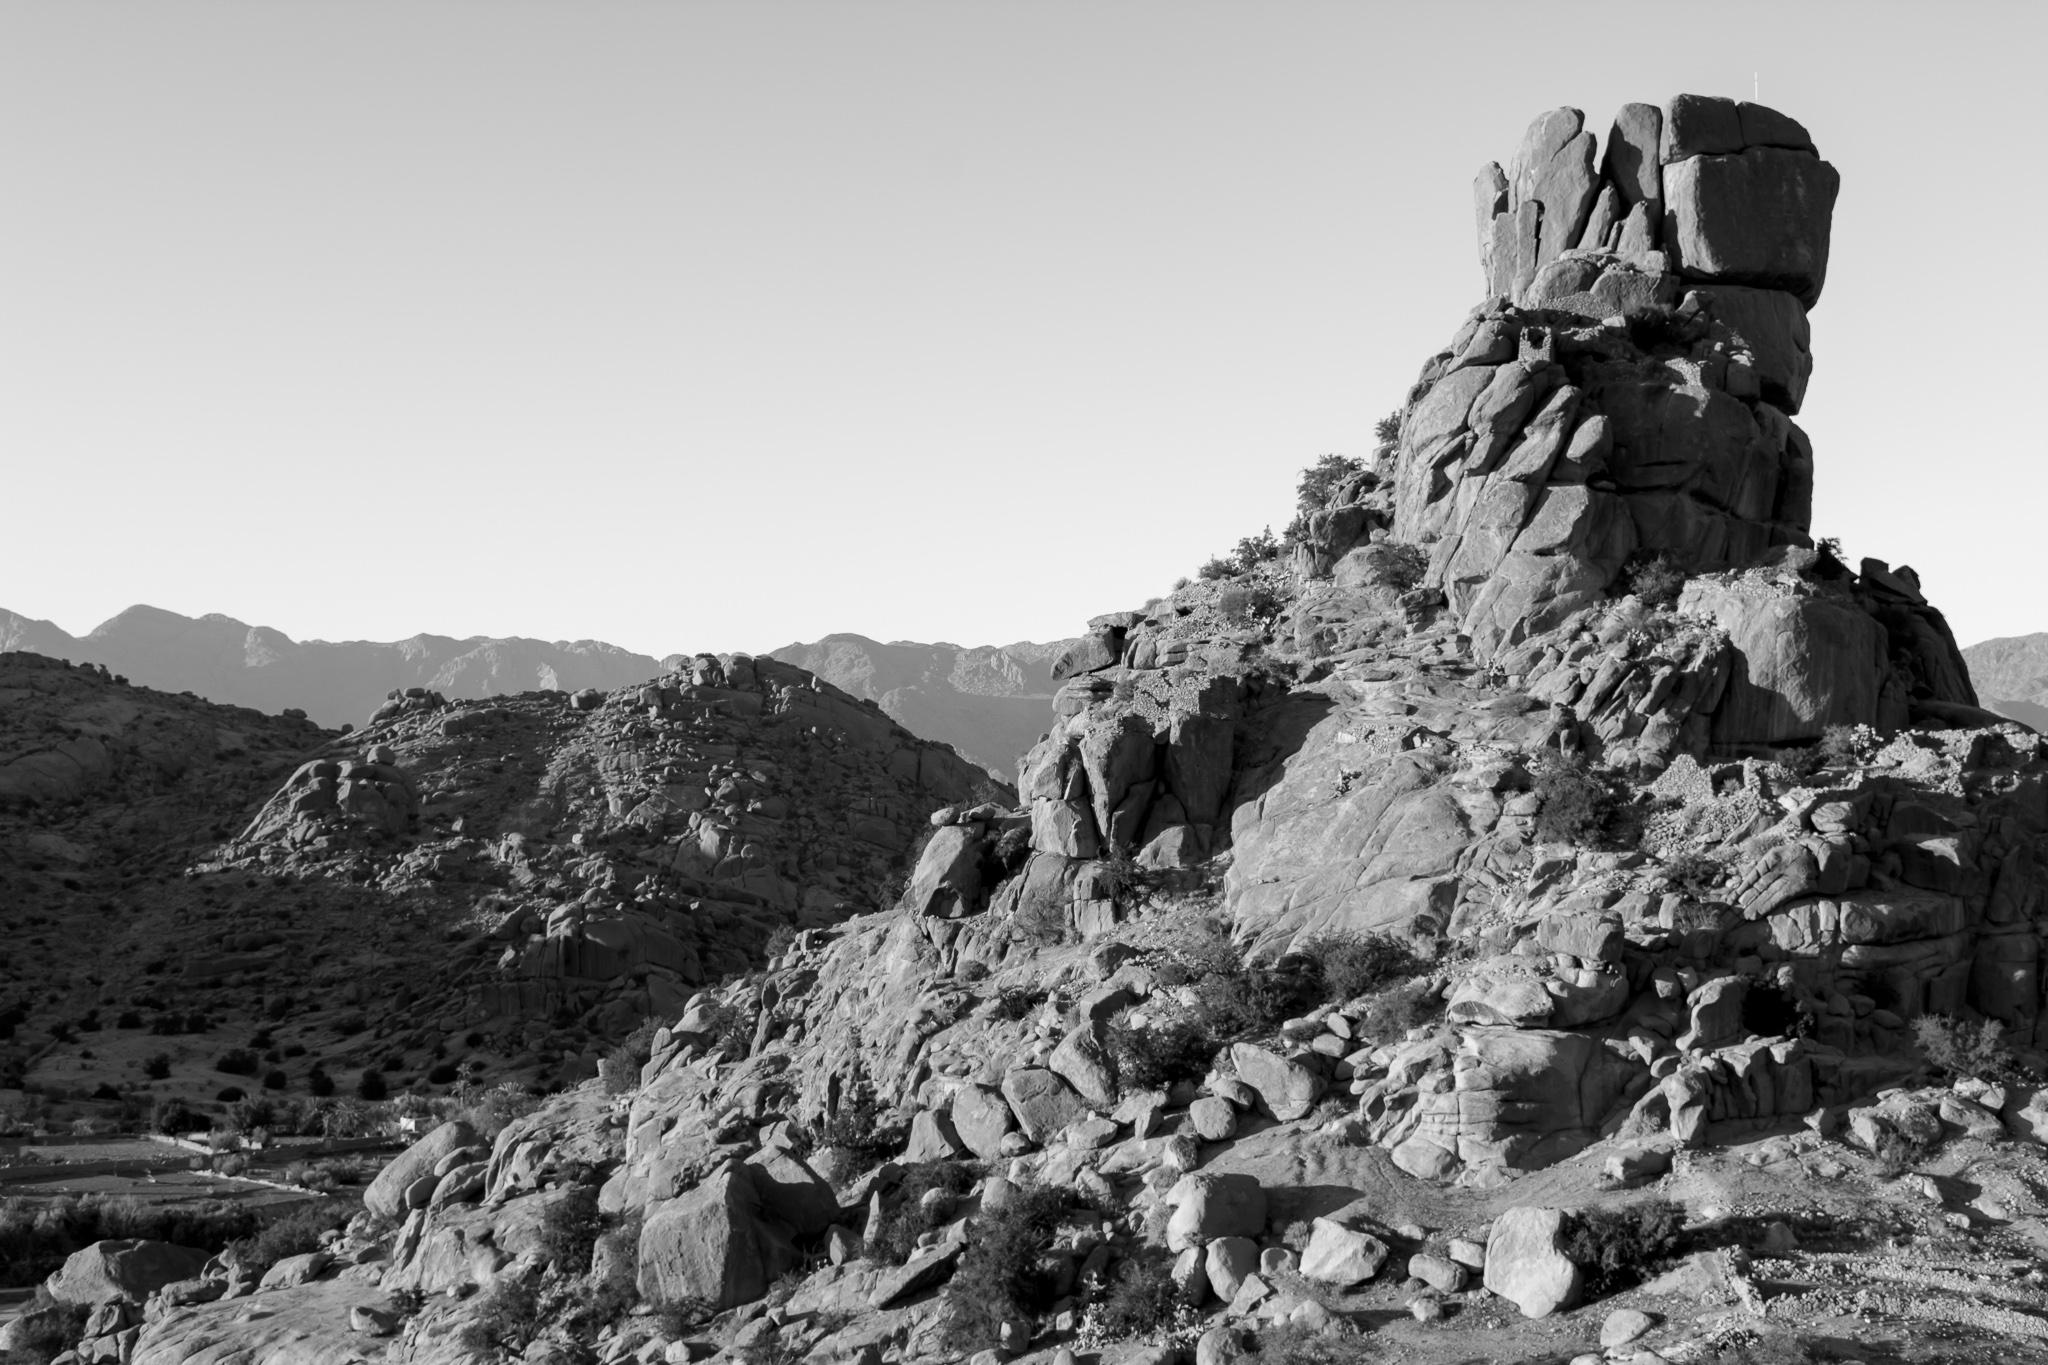 A pocos kilómetros del pequeño pueblo de Tafraoute y situado a 1000 metros de altitud encontramos el Valle de Ameln, en el que se encuentra la roca granítica 'Sombrero de Napoleón'.